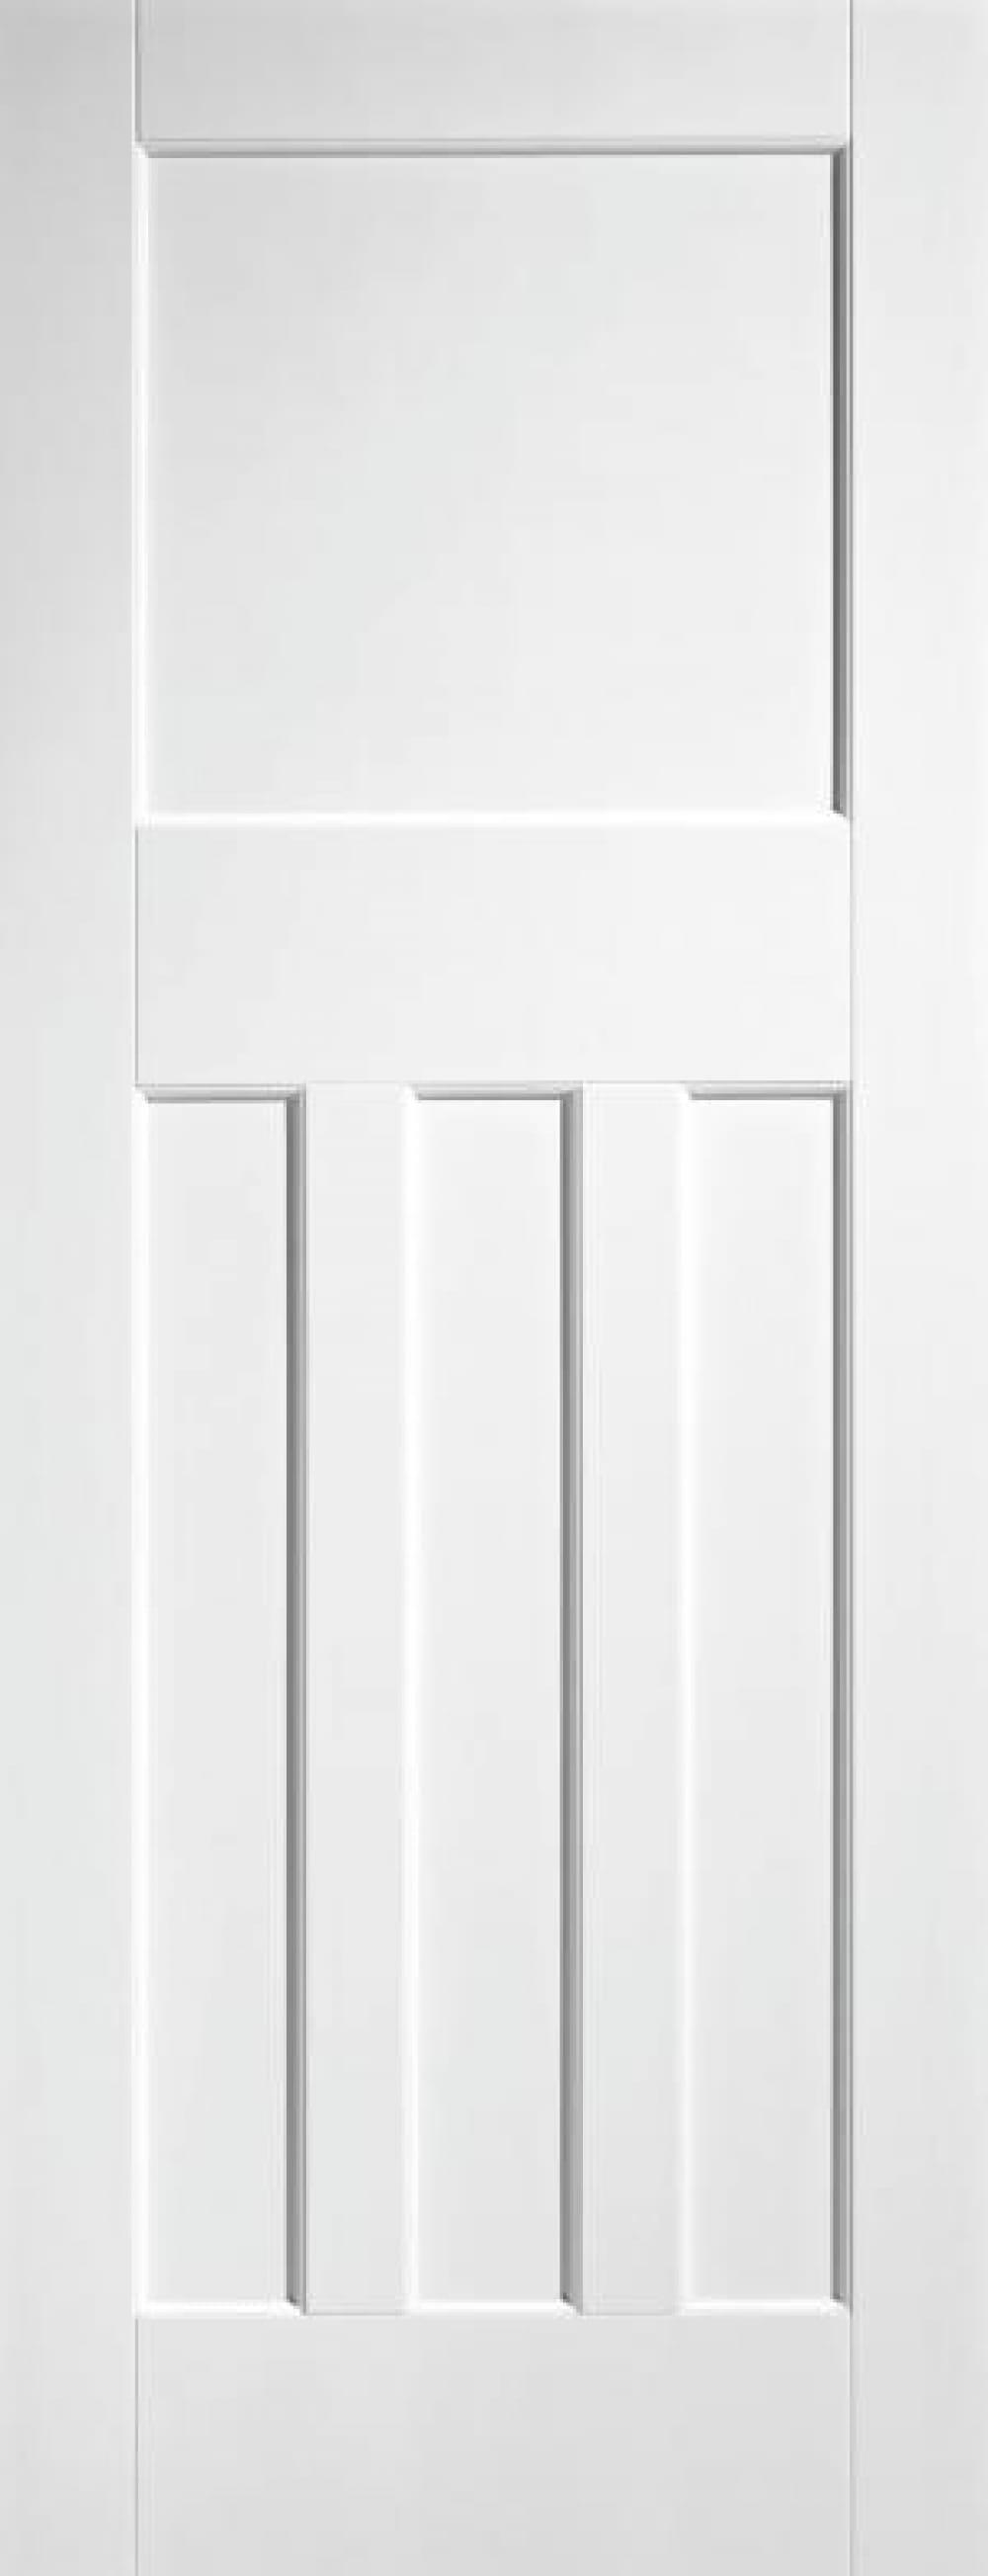 White Dx30 Image